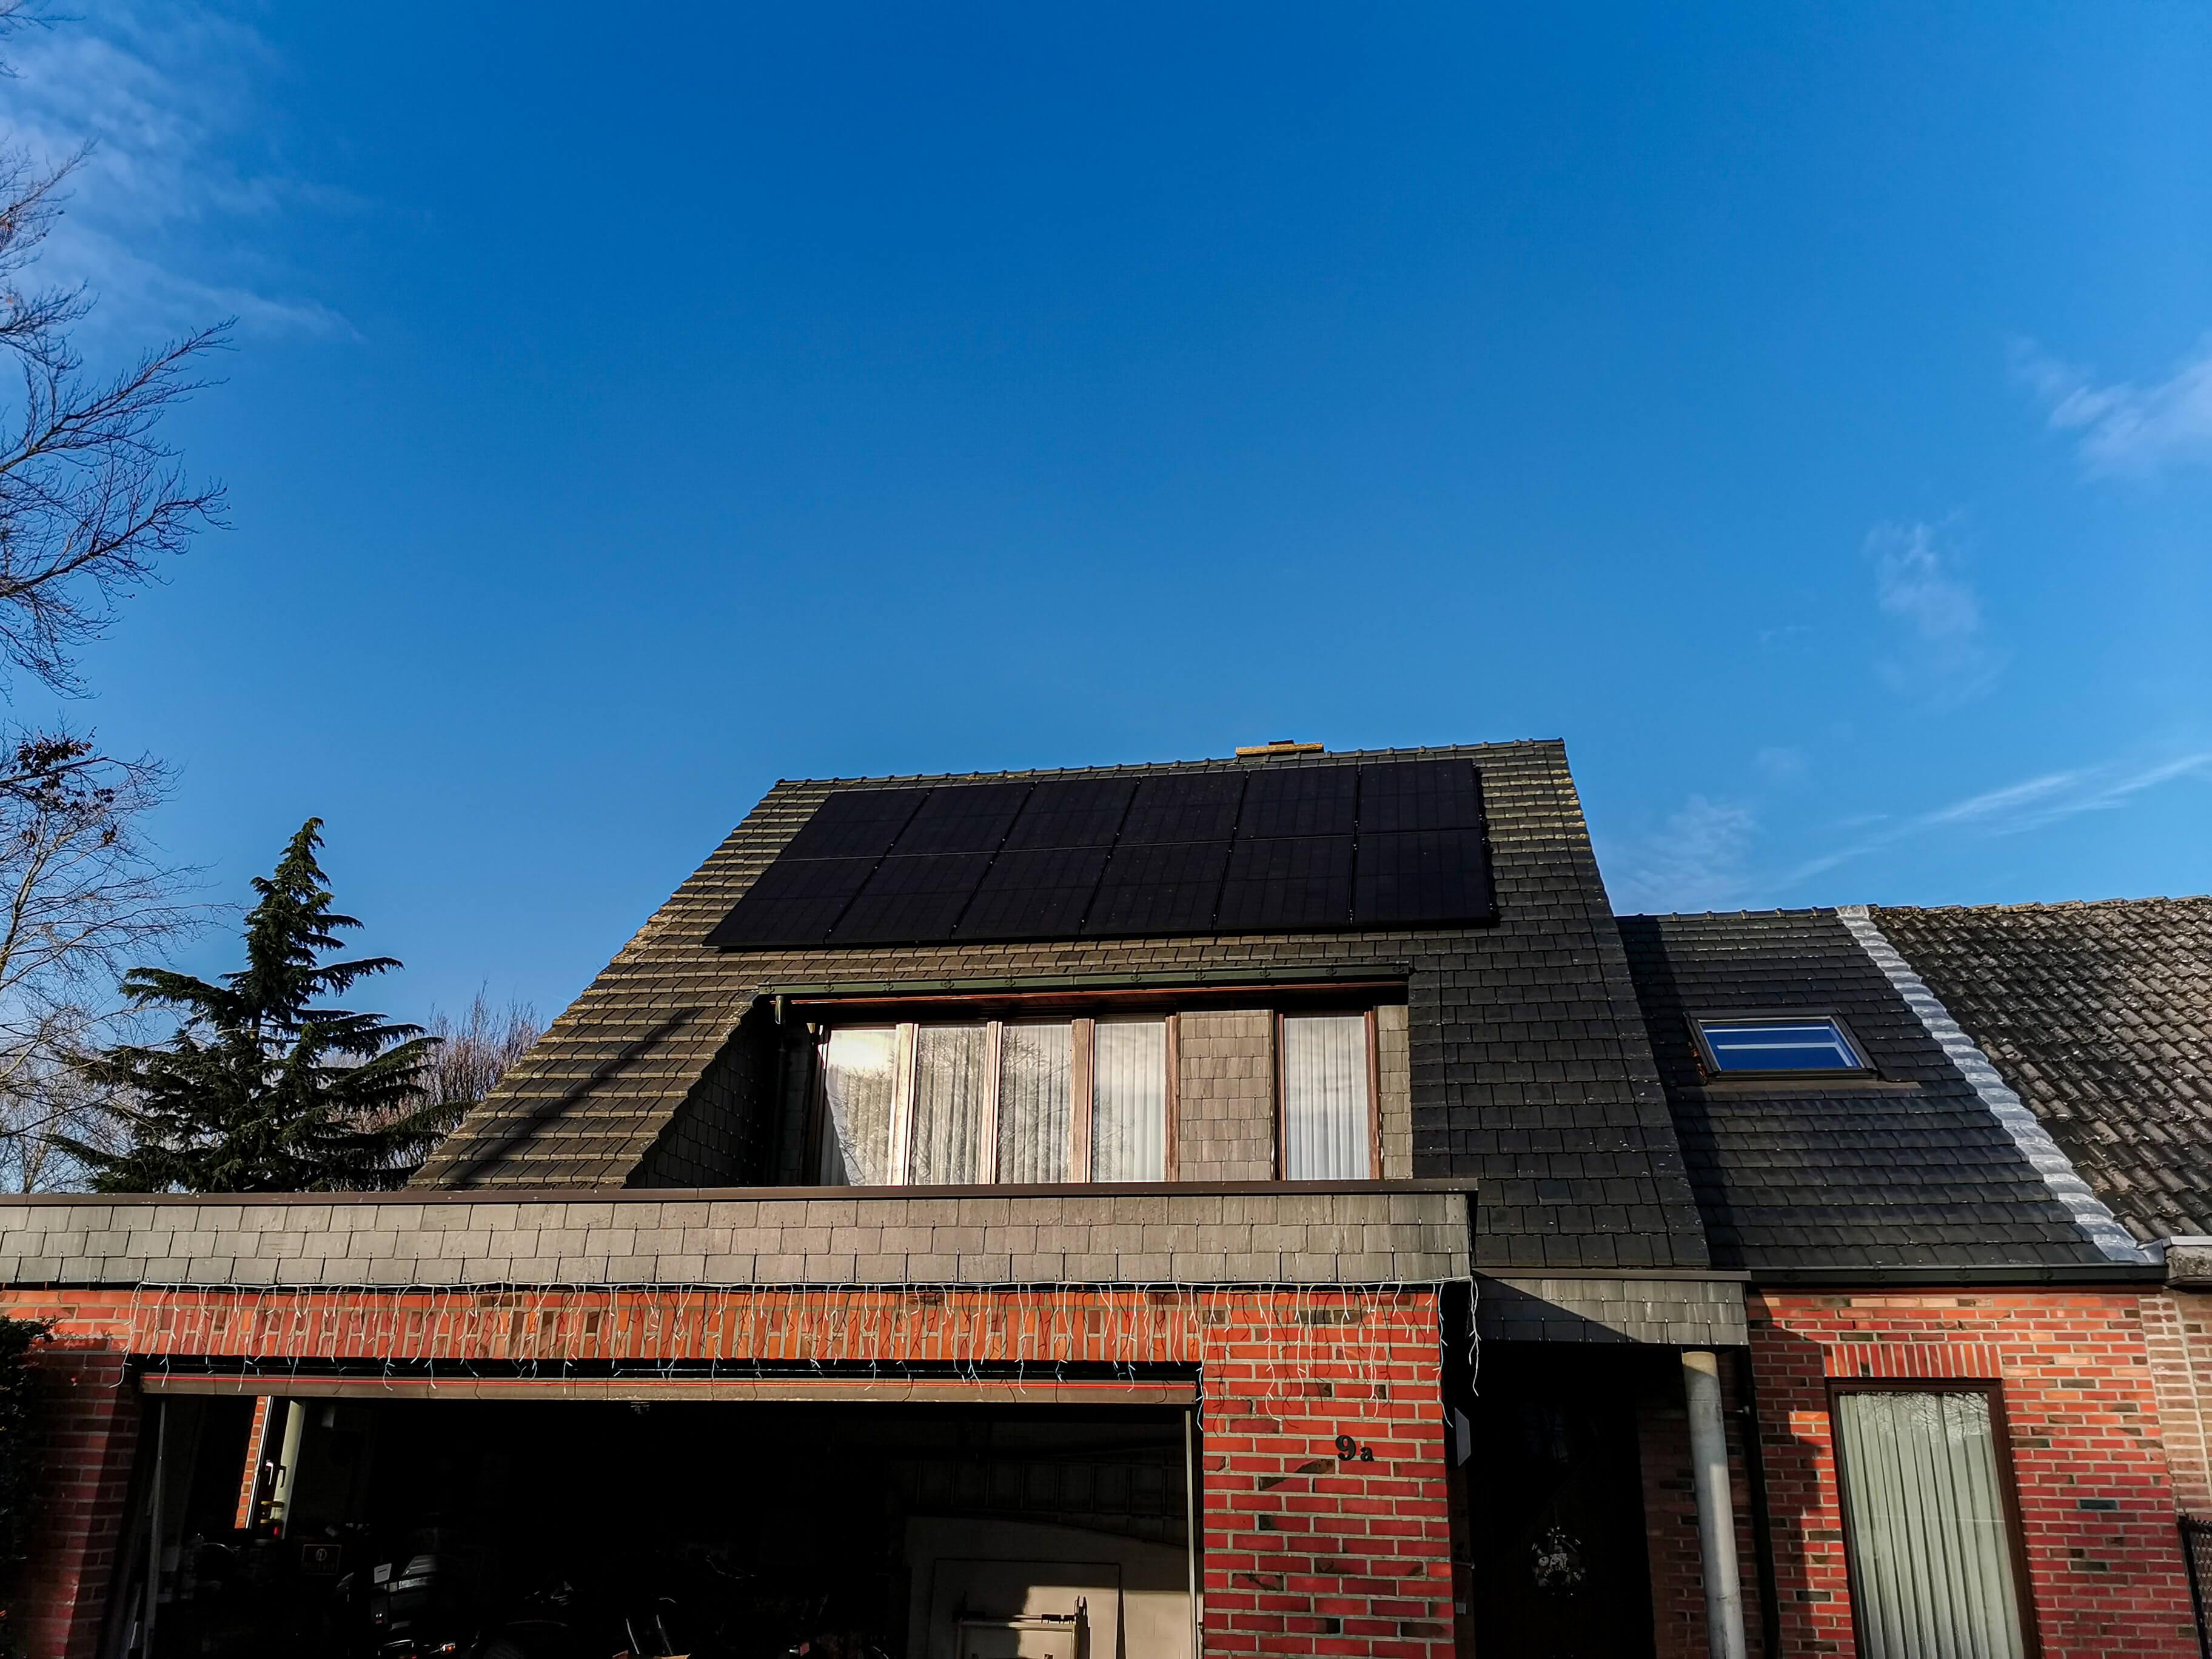 Frontaal aanzicht dak met zwarte zonnepanelen tegen helderblauwe hemel.